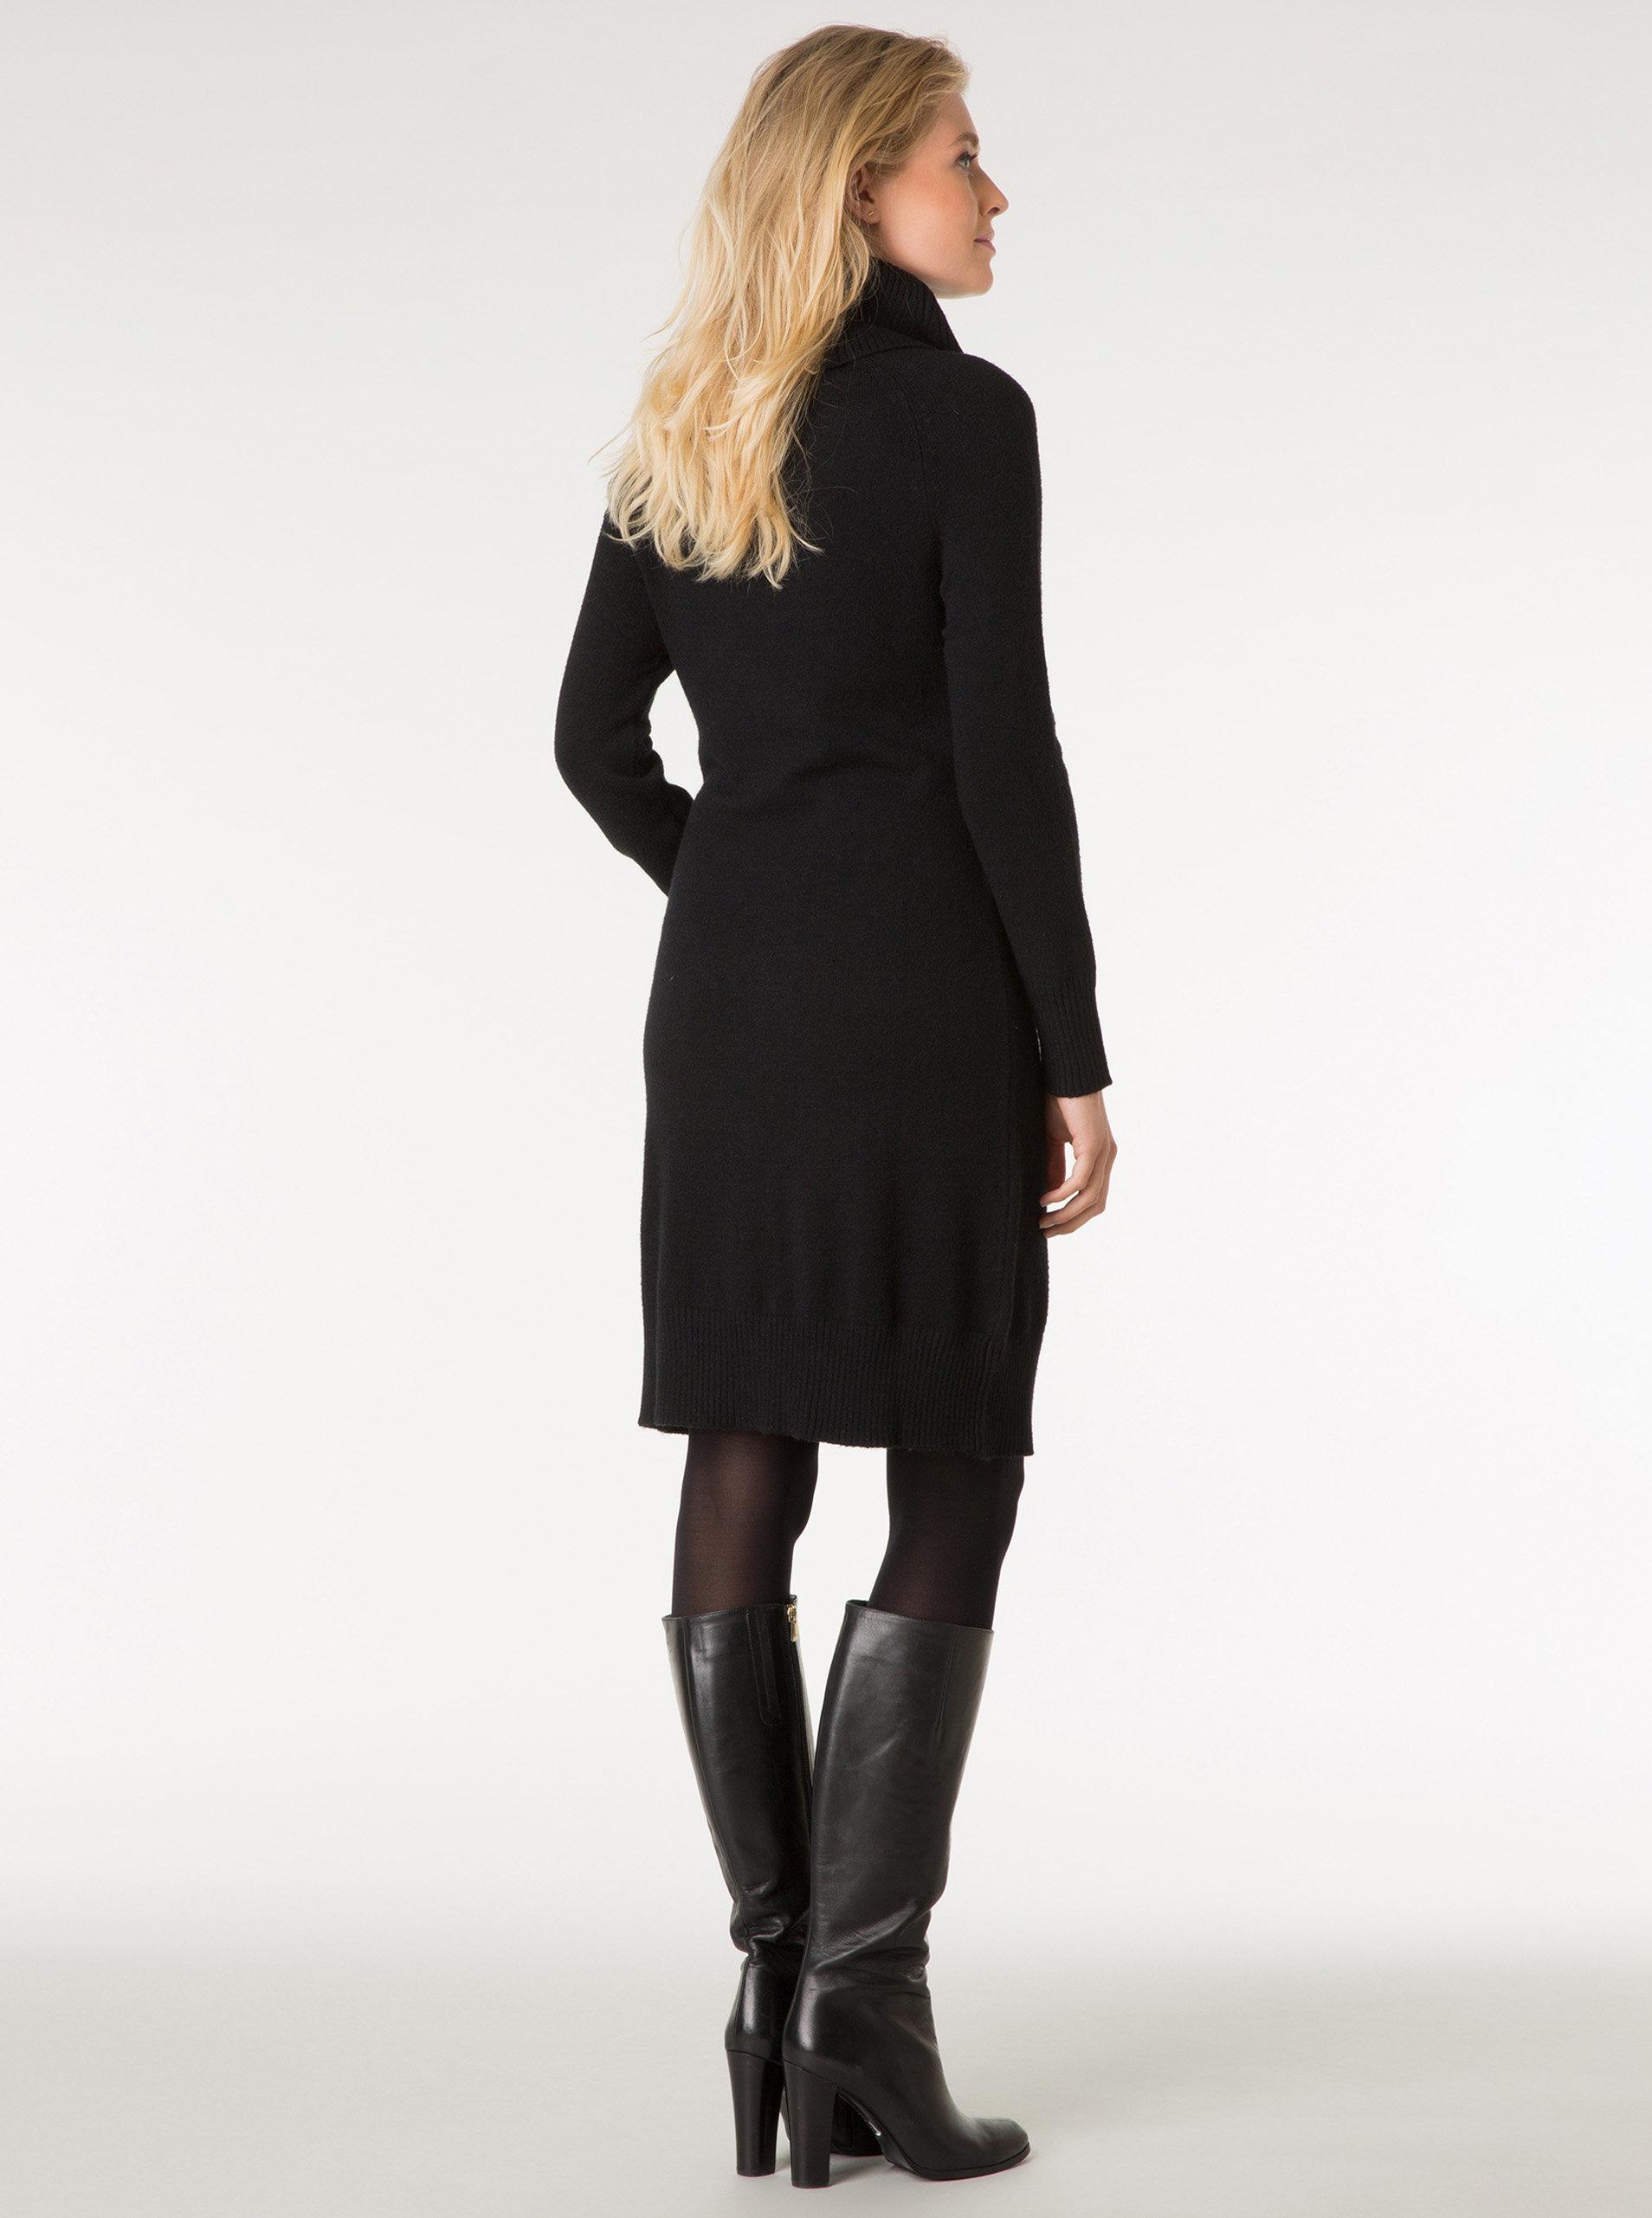 Černé svetrové šaty s rolákem Yest ... 974110c4aa0